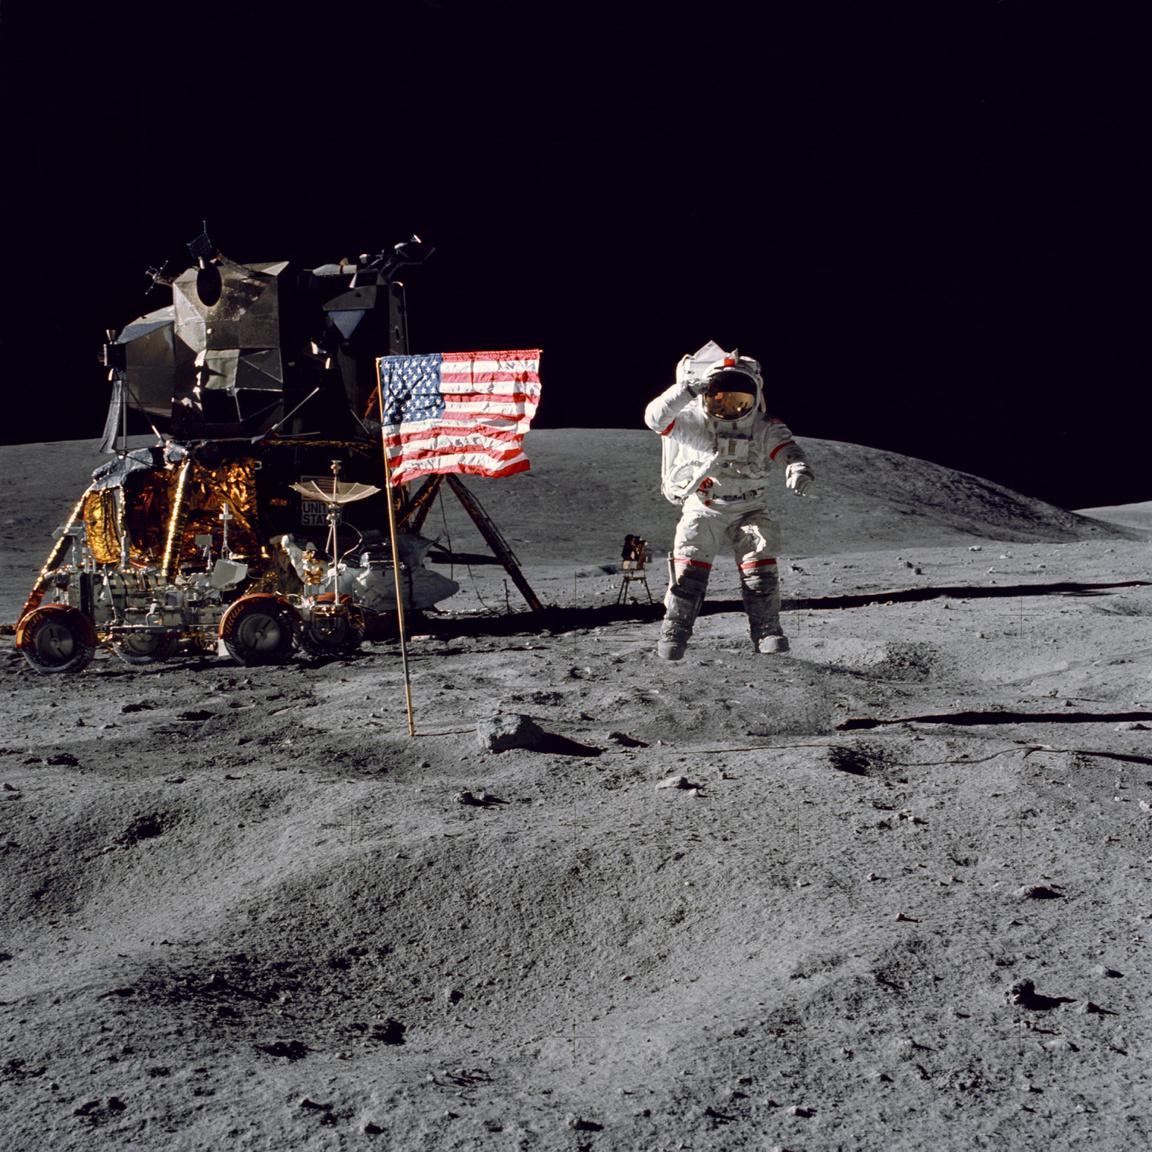 Bár a játékfilmekből azt hihetjük, hogy az űrhajósok első dolga volt a holdraszállás után felállítani az amerikai zászlót és felvételeket készíteni vele, ez nem igaz. Első lépésként a holdjárót kellett összeállítani, majd kipakolni a felszerelést és beállítani a mérőeszközöket. Az Amerikai Egyesült Államok zászlajának felállítása valójában az utolsó holdkomp körüli teendő volt. A fotó készültekor John W. Young parancsnok tréfásan felugrott, így lebegve tiszteleg az amerikai zászló előtt. Háttérben balra látható a holdautó, mögötte a holdkomp.